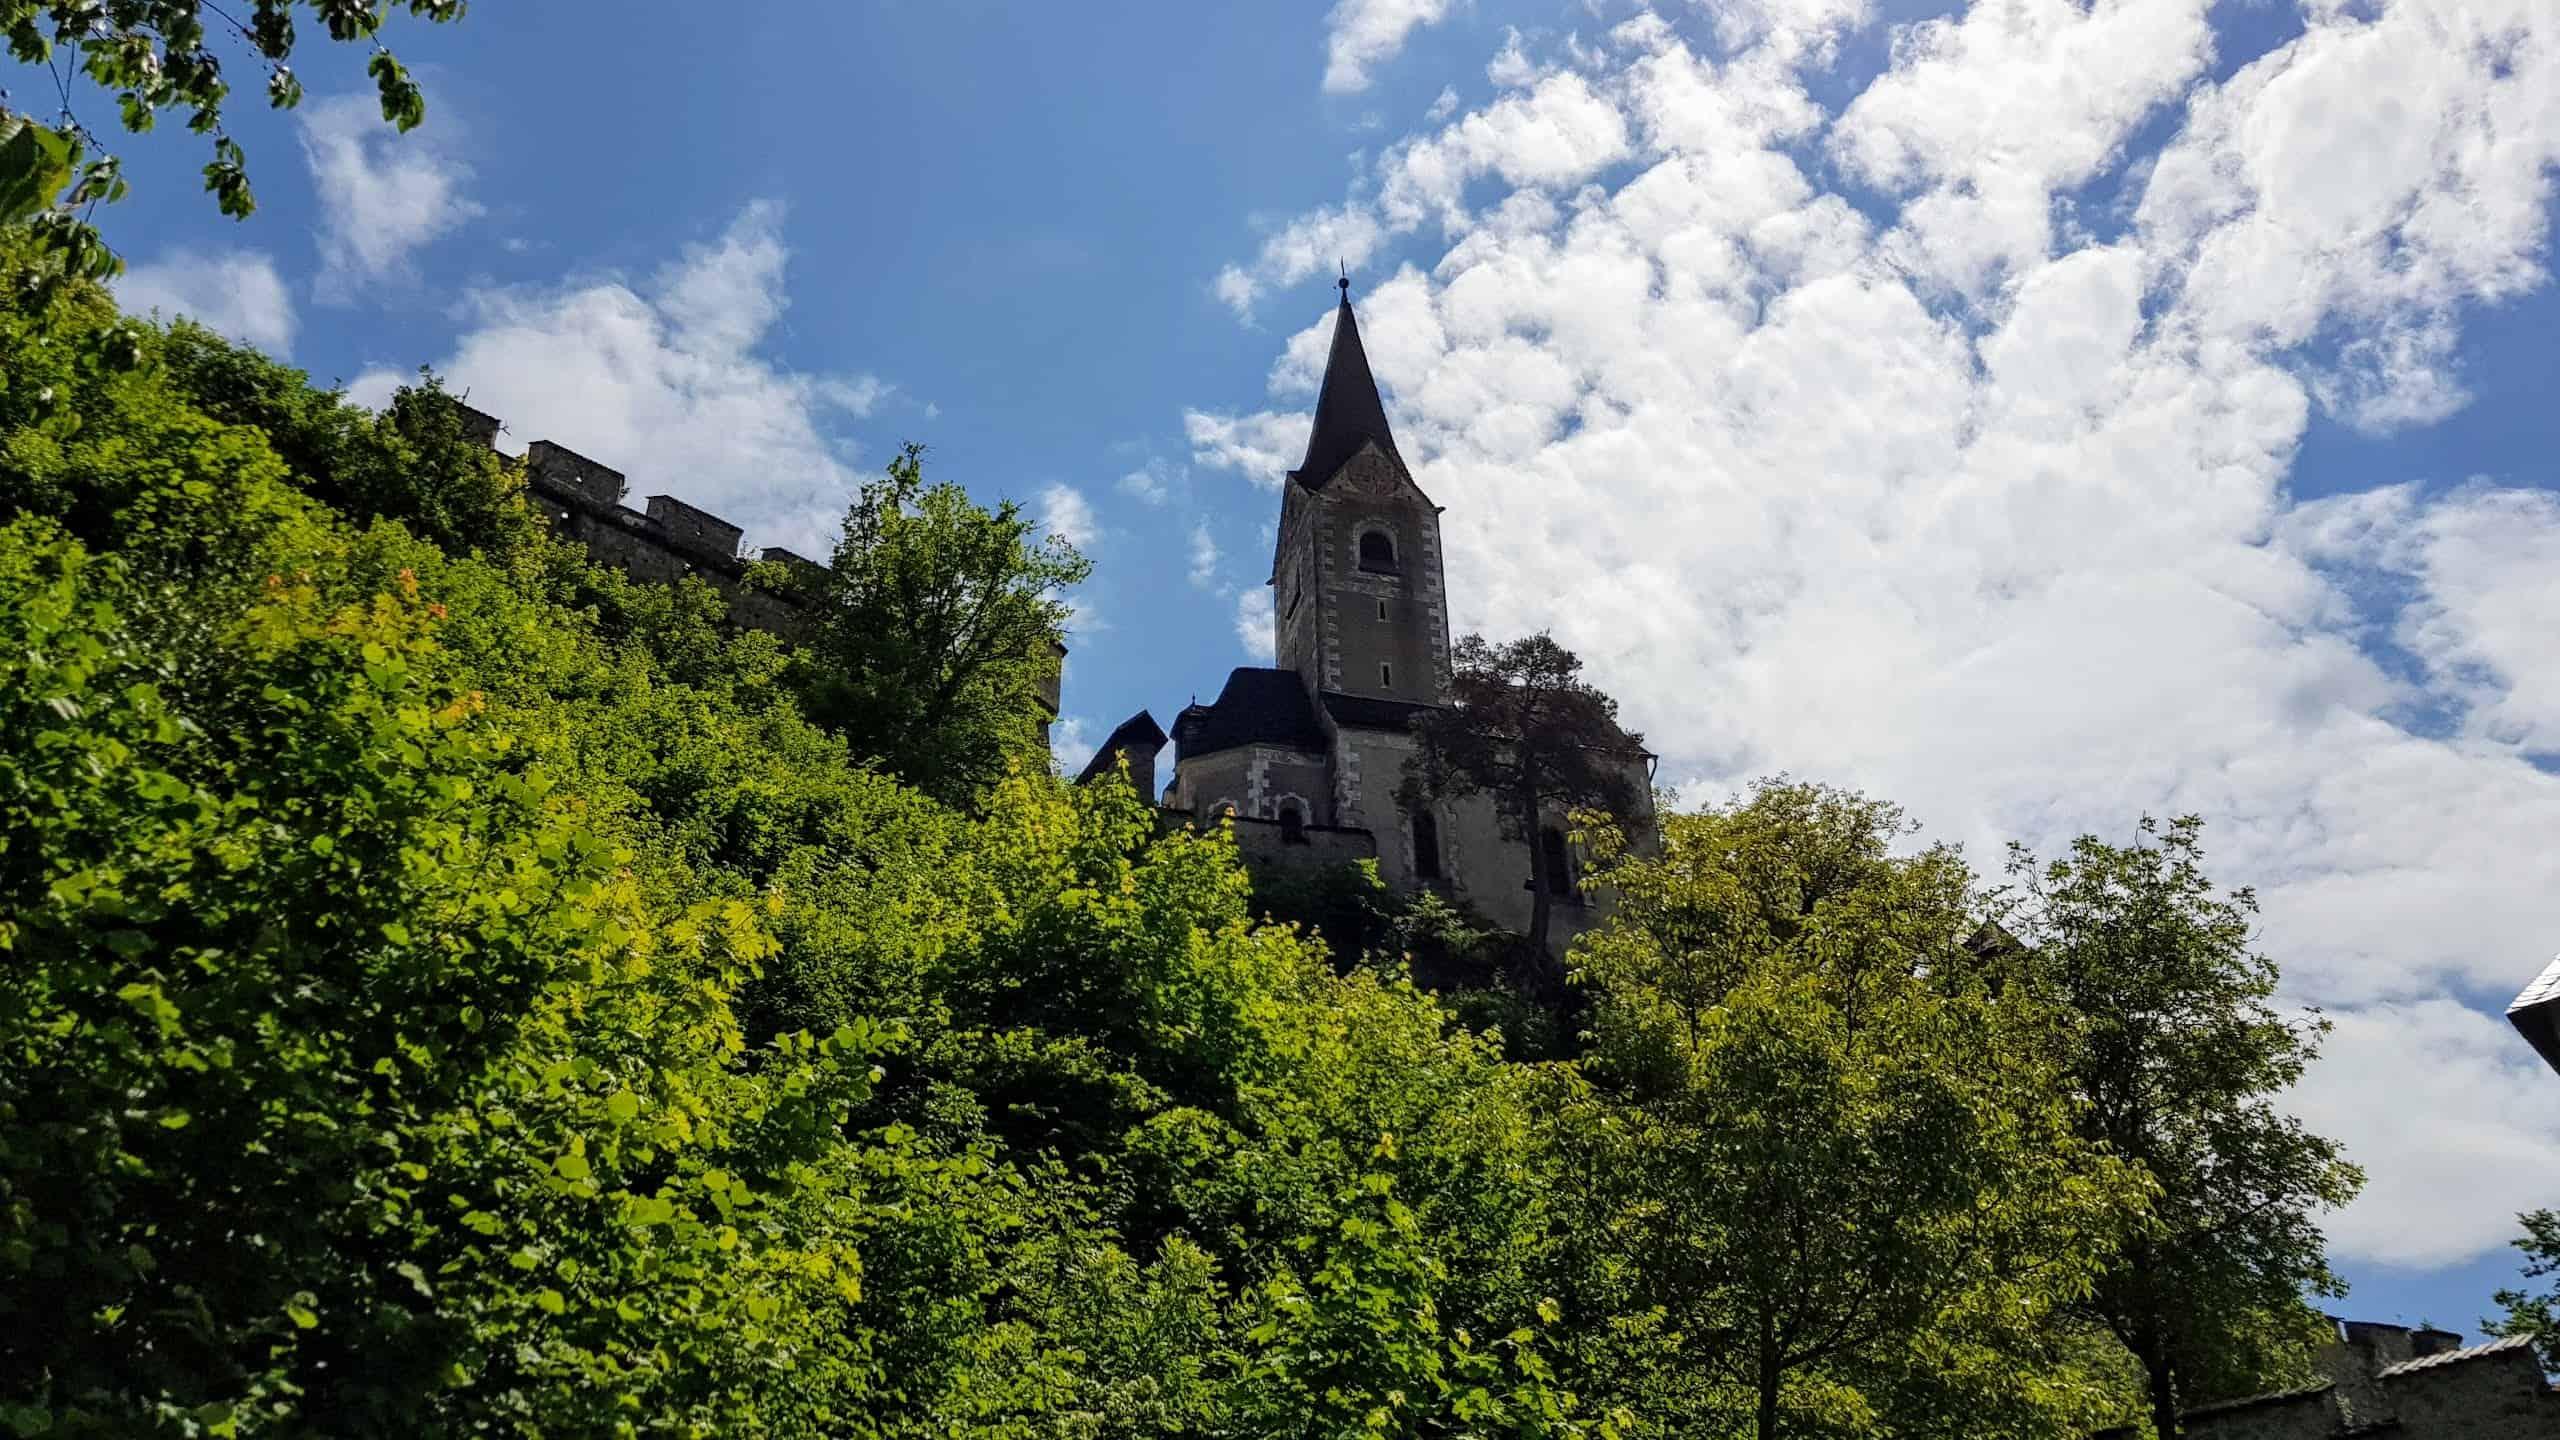 Die Burgkirche auf der Burg Hochosterwitz bei einem Besuch und Wanderung auf die Burganlage.